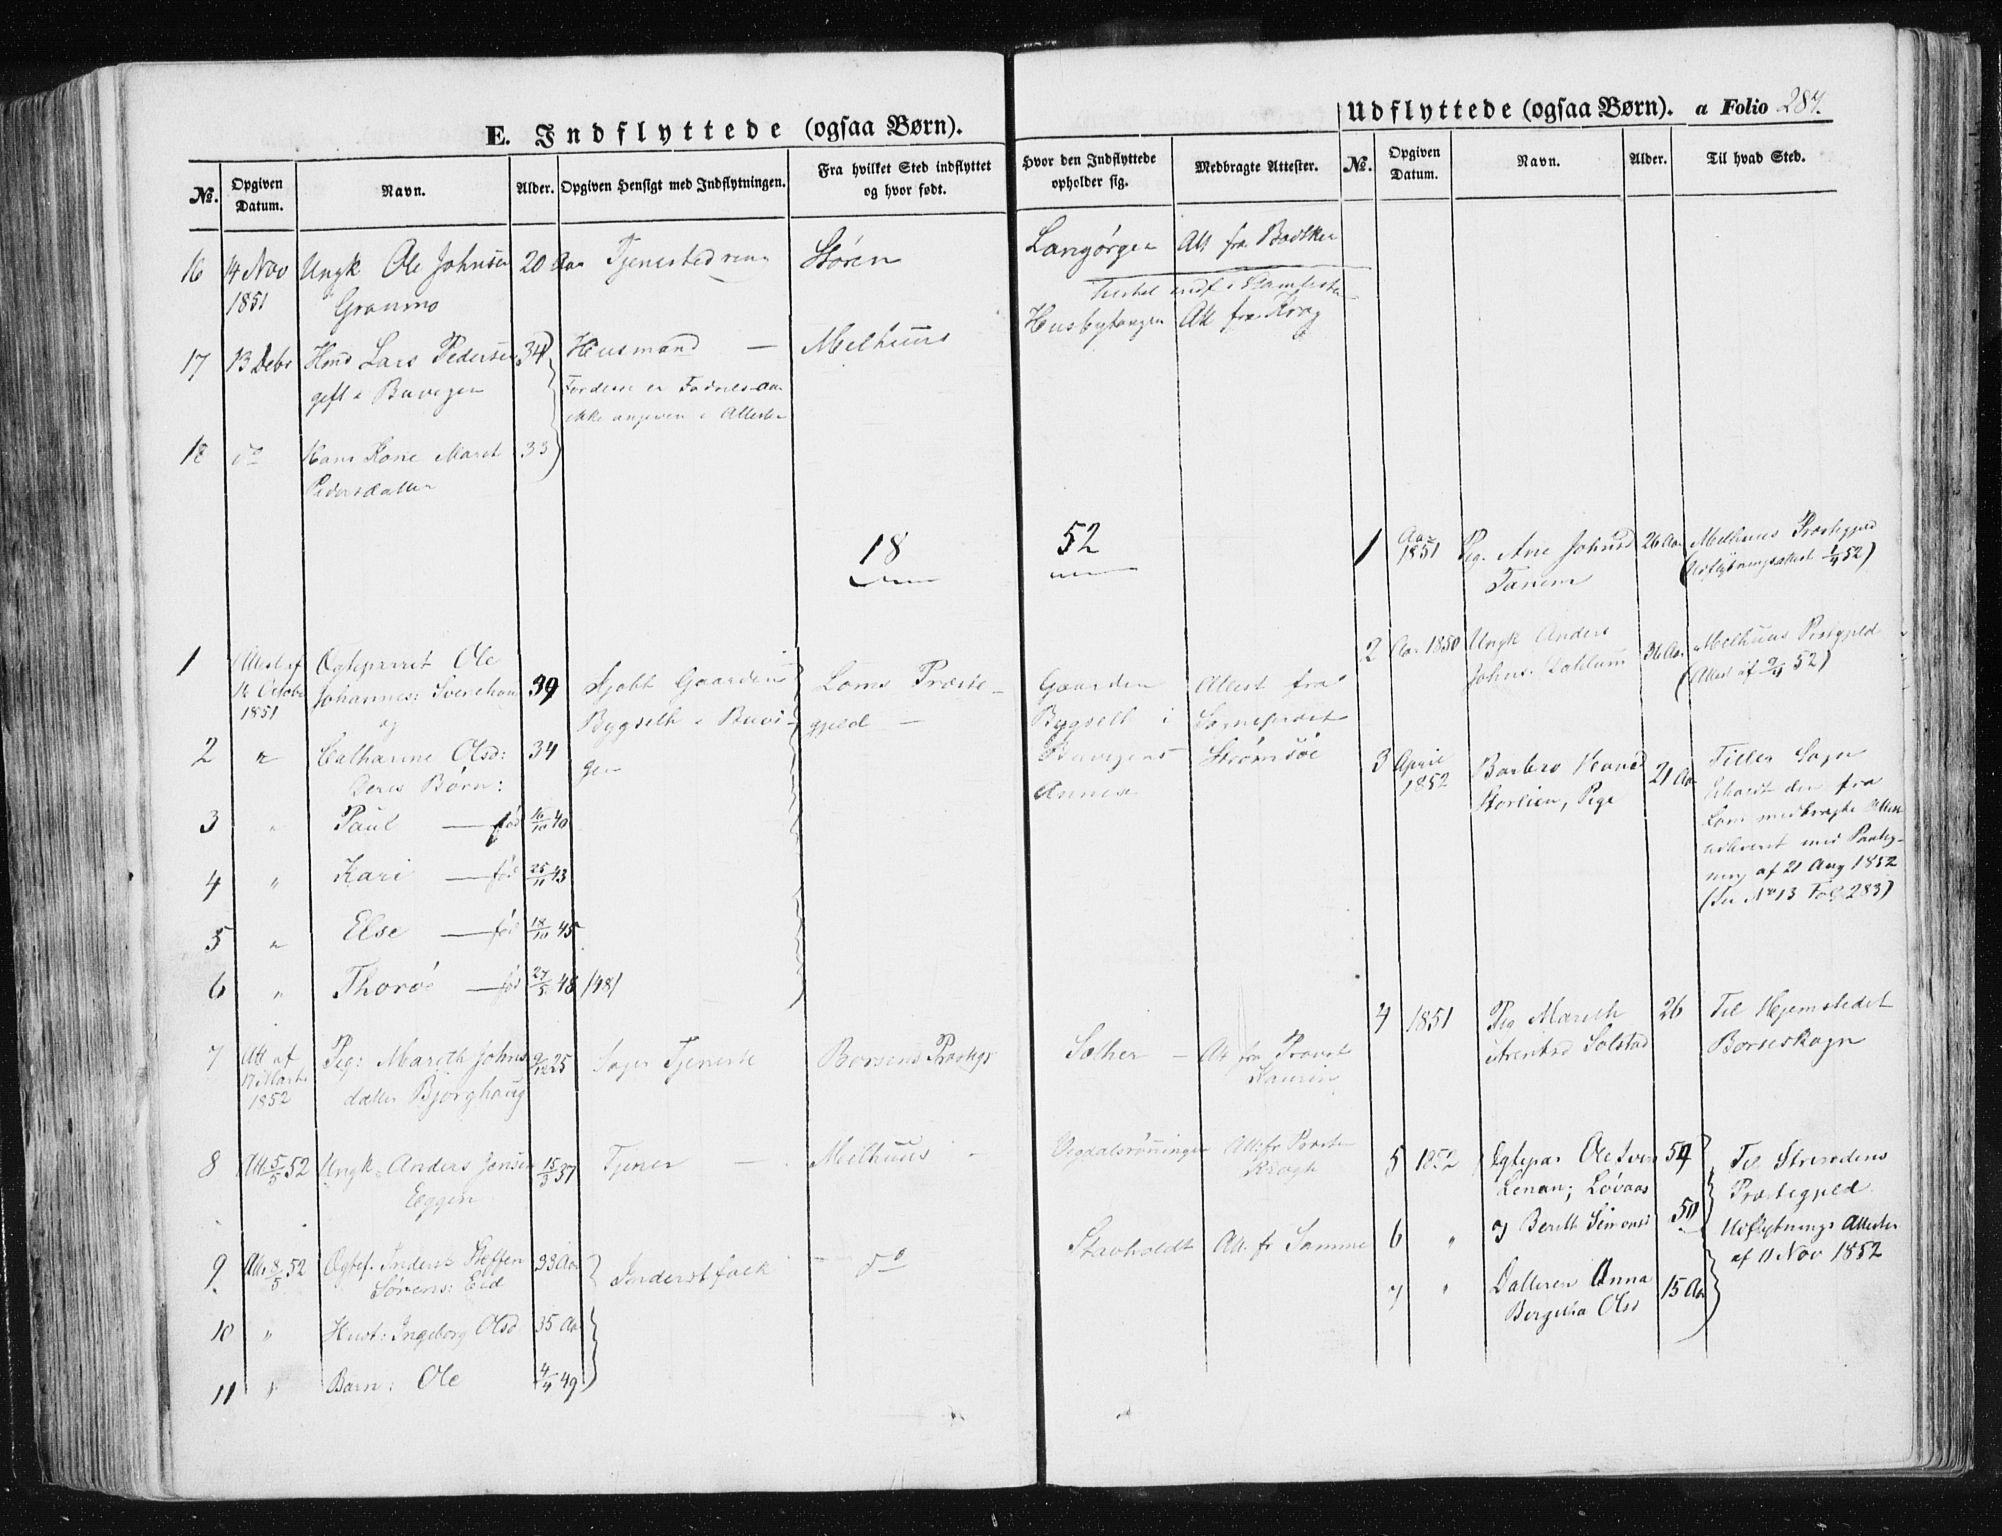 SAT, Ministerialprotokoller, klokkerbøker og fødselsregistre - Sør-Trøndelag, 612/L0376: Ministerialbok nr. 612A08, 1846-1859, s. 284